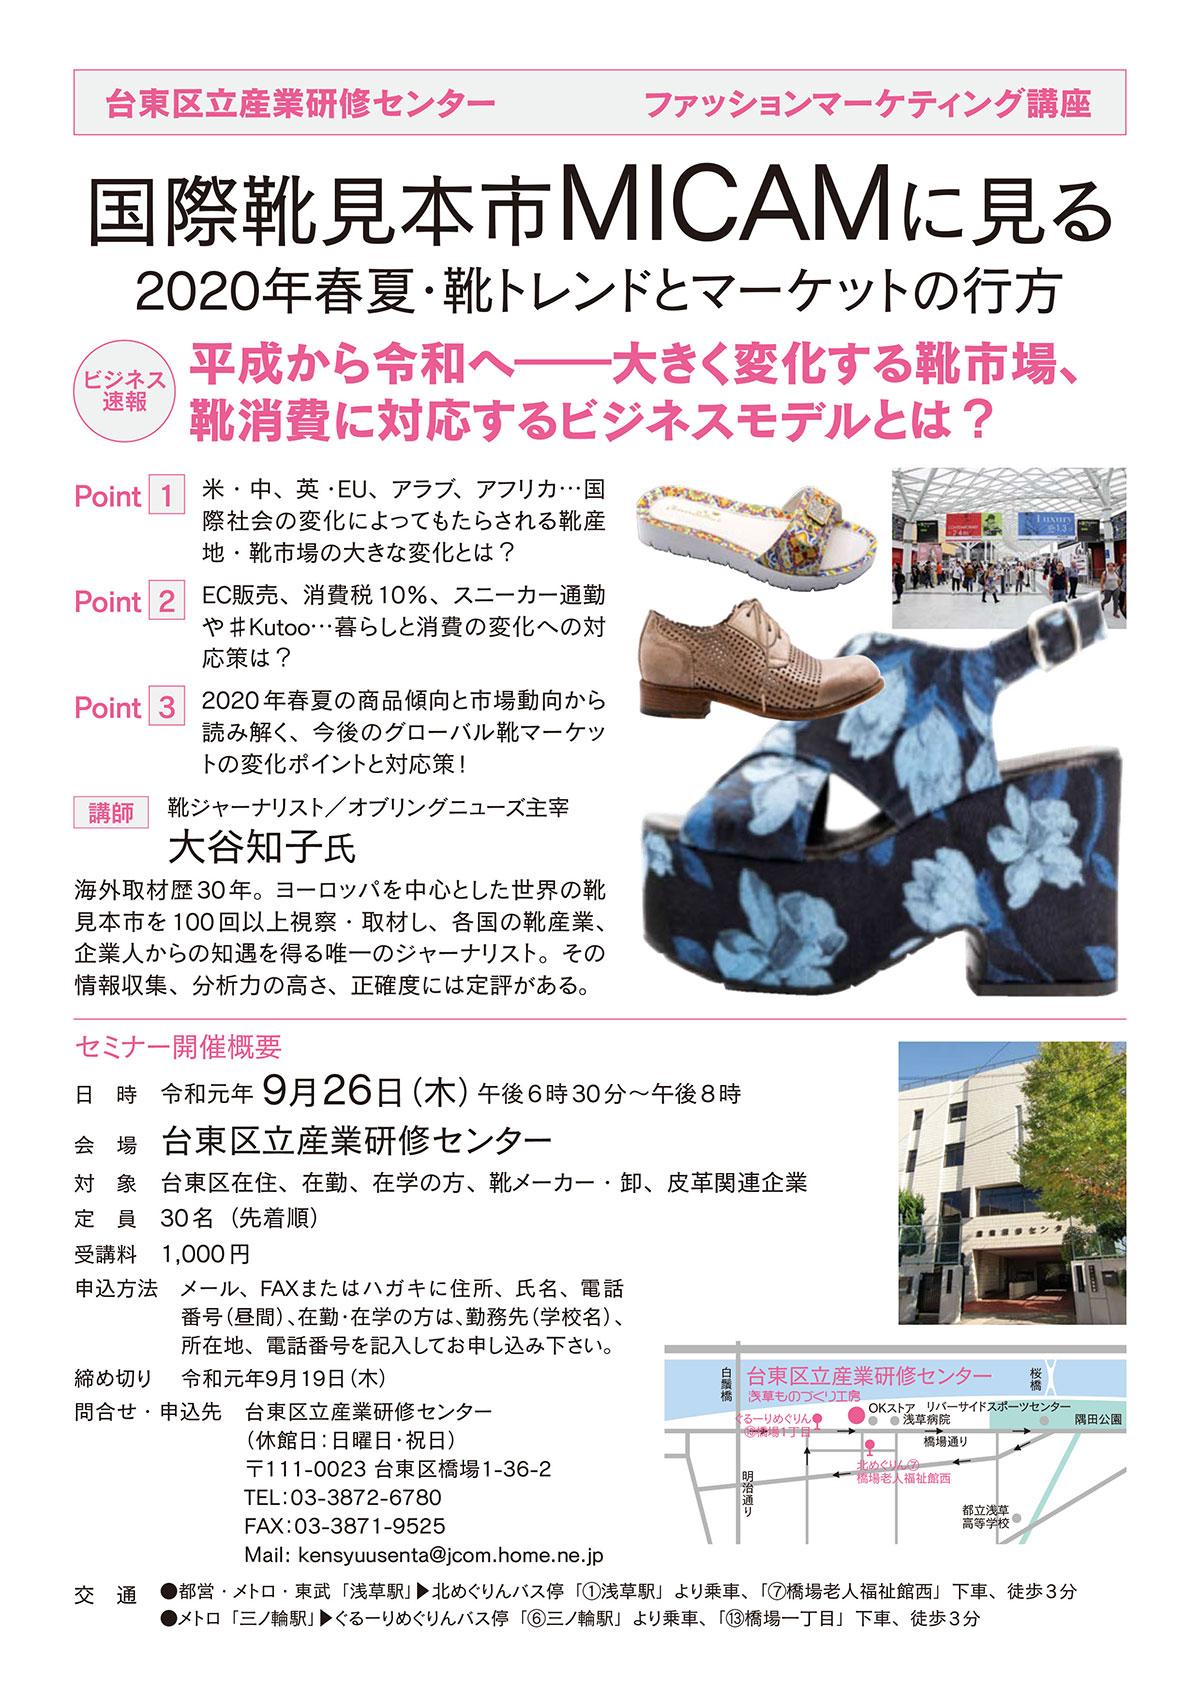 国際靴見本市MICAMに見る 2020年春夏・靴トレンドとマーケットの行方(9月26日(木)午後6時30分~午後8時)